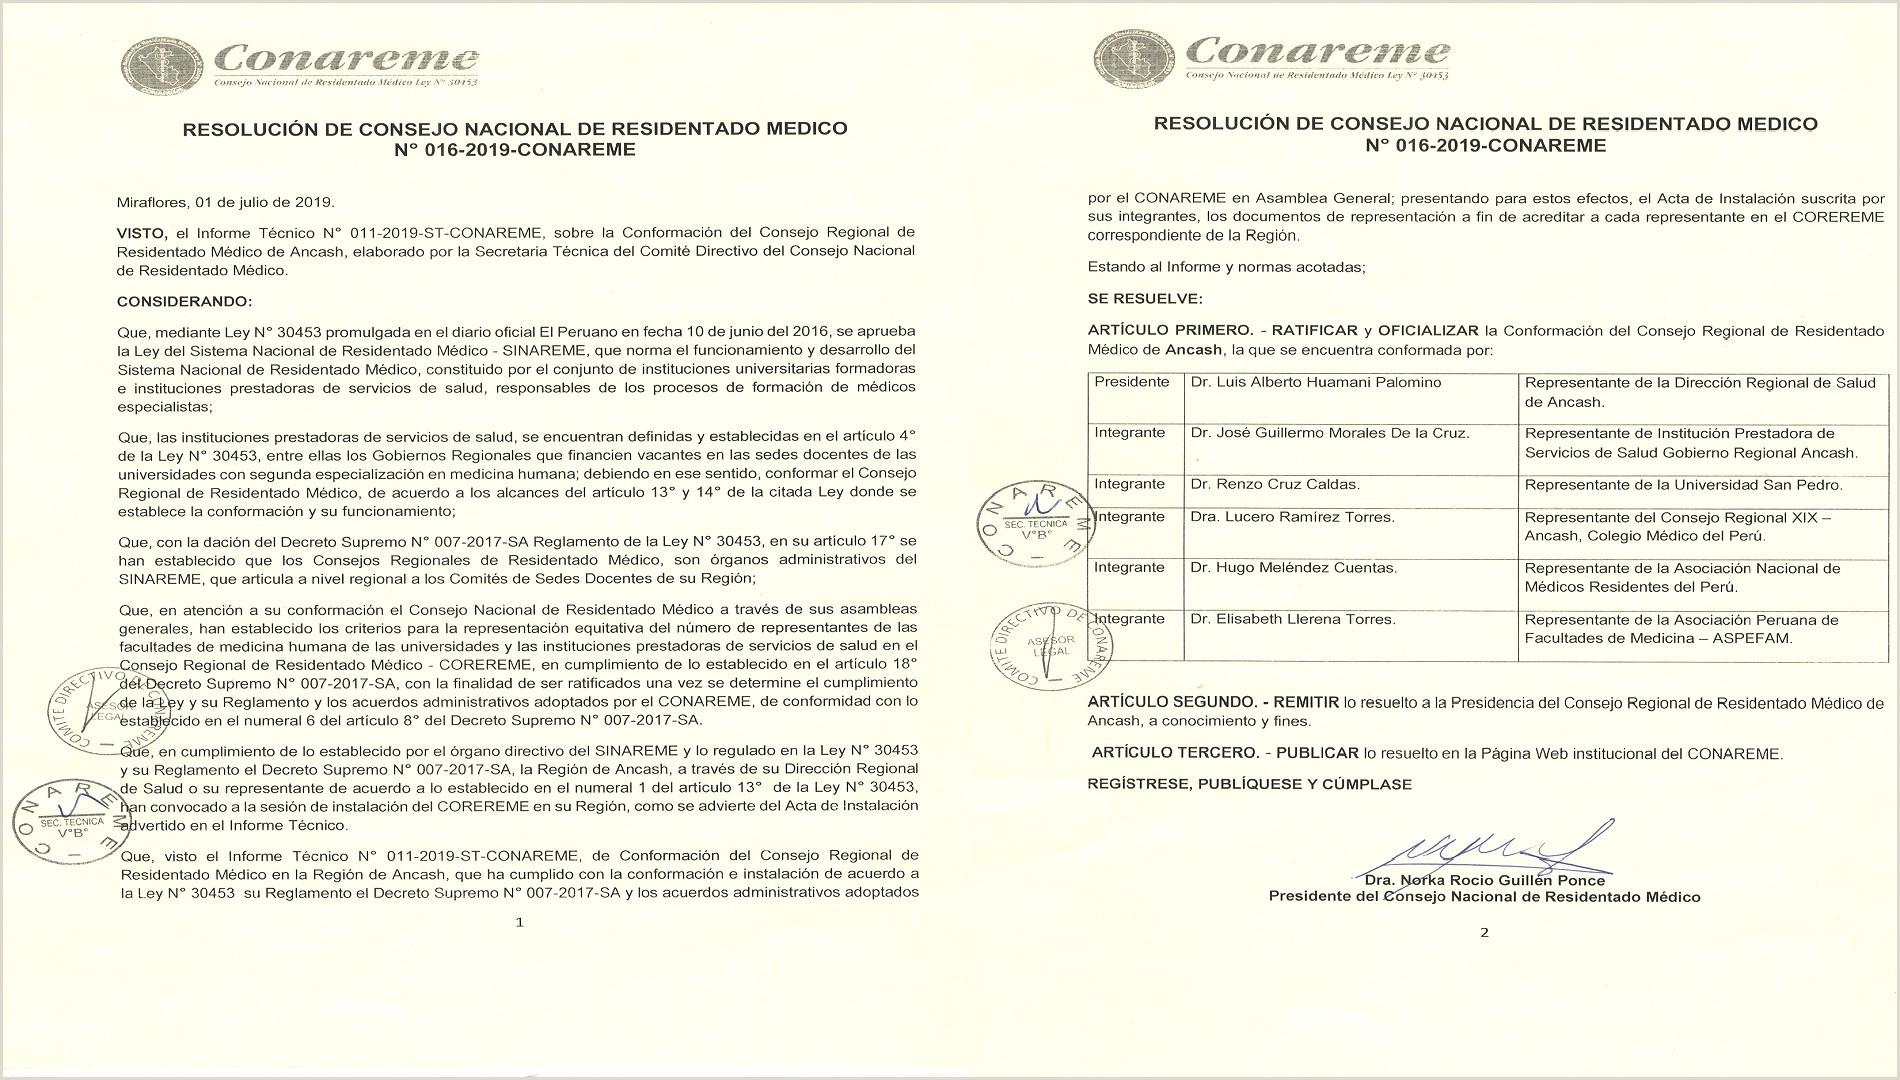 Formato De Hoja De Vida Medico General Direcci³n Regional De Salud Ancash